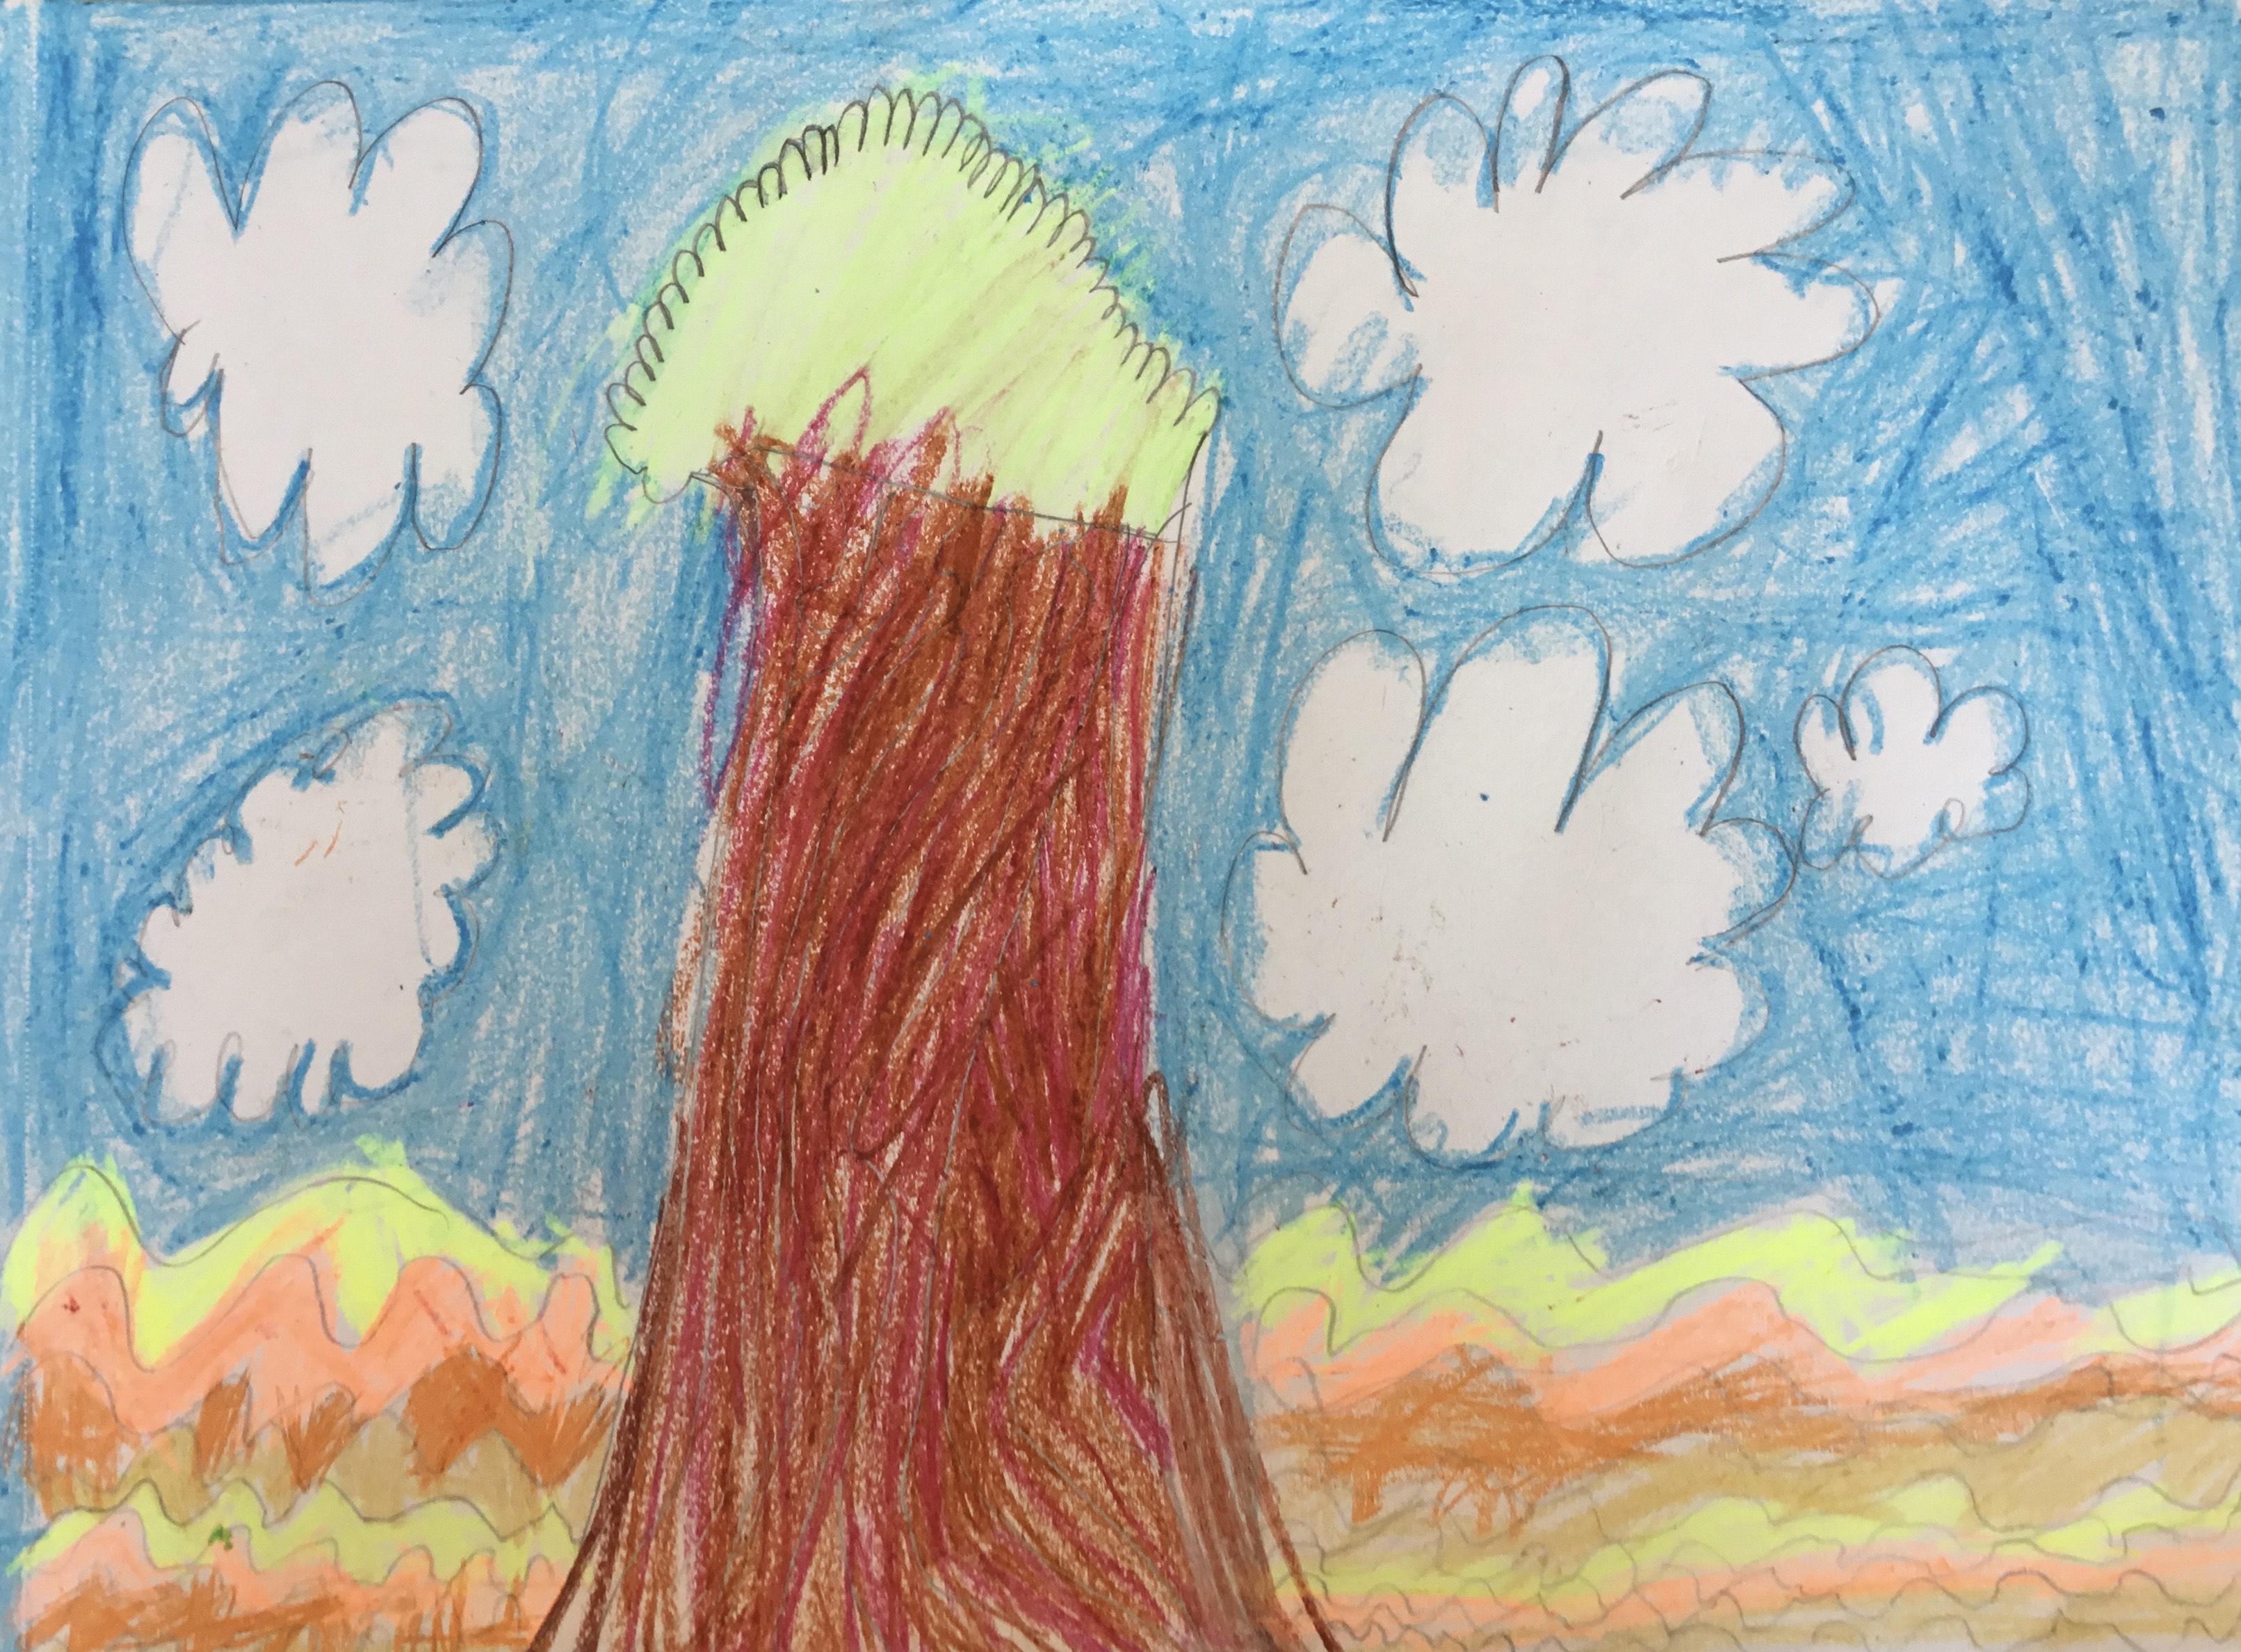 Tree Pose in Ras Al Khaimah by Ava Ashrat Bharucha